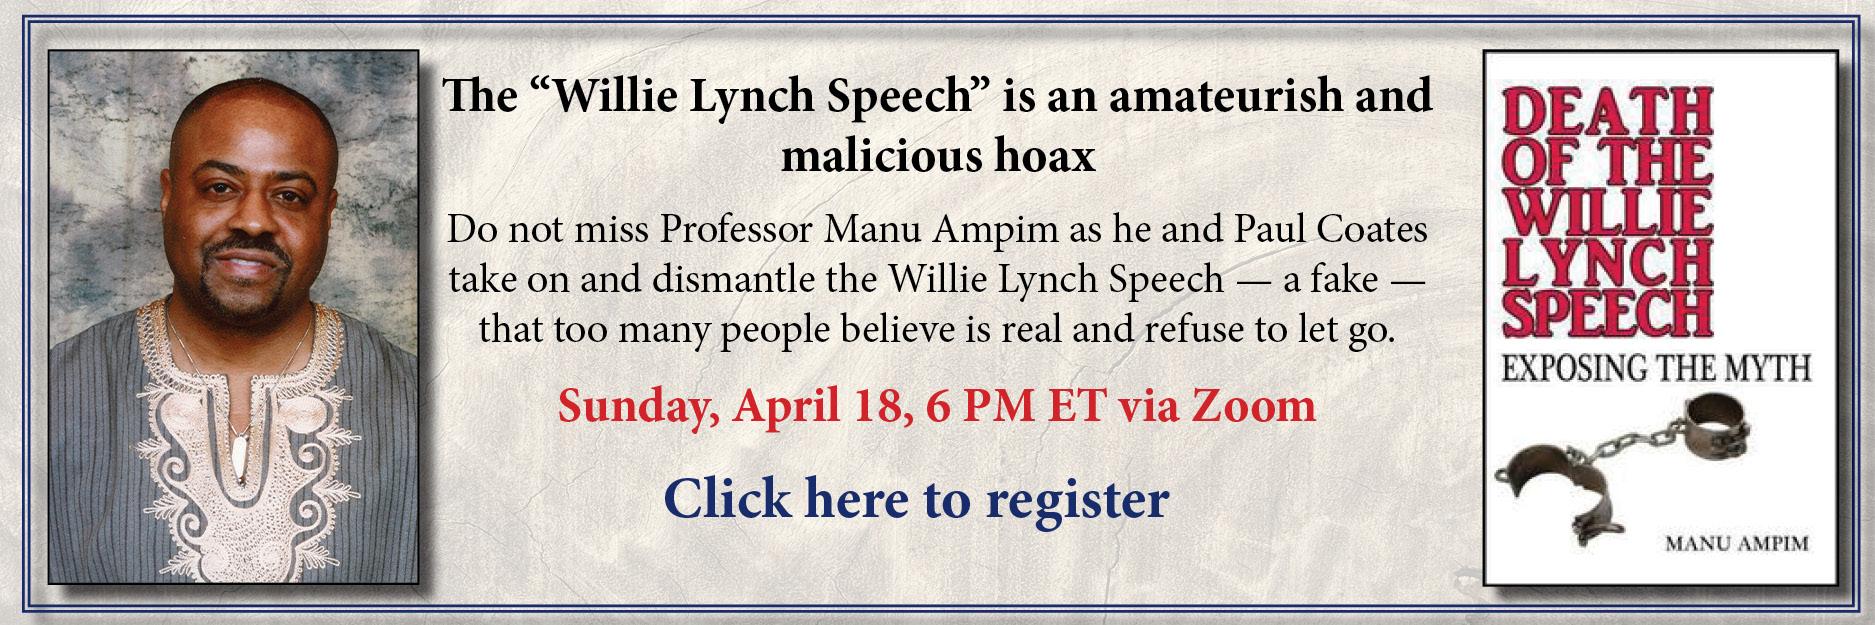 willie-lynch-register-banner.jpg